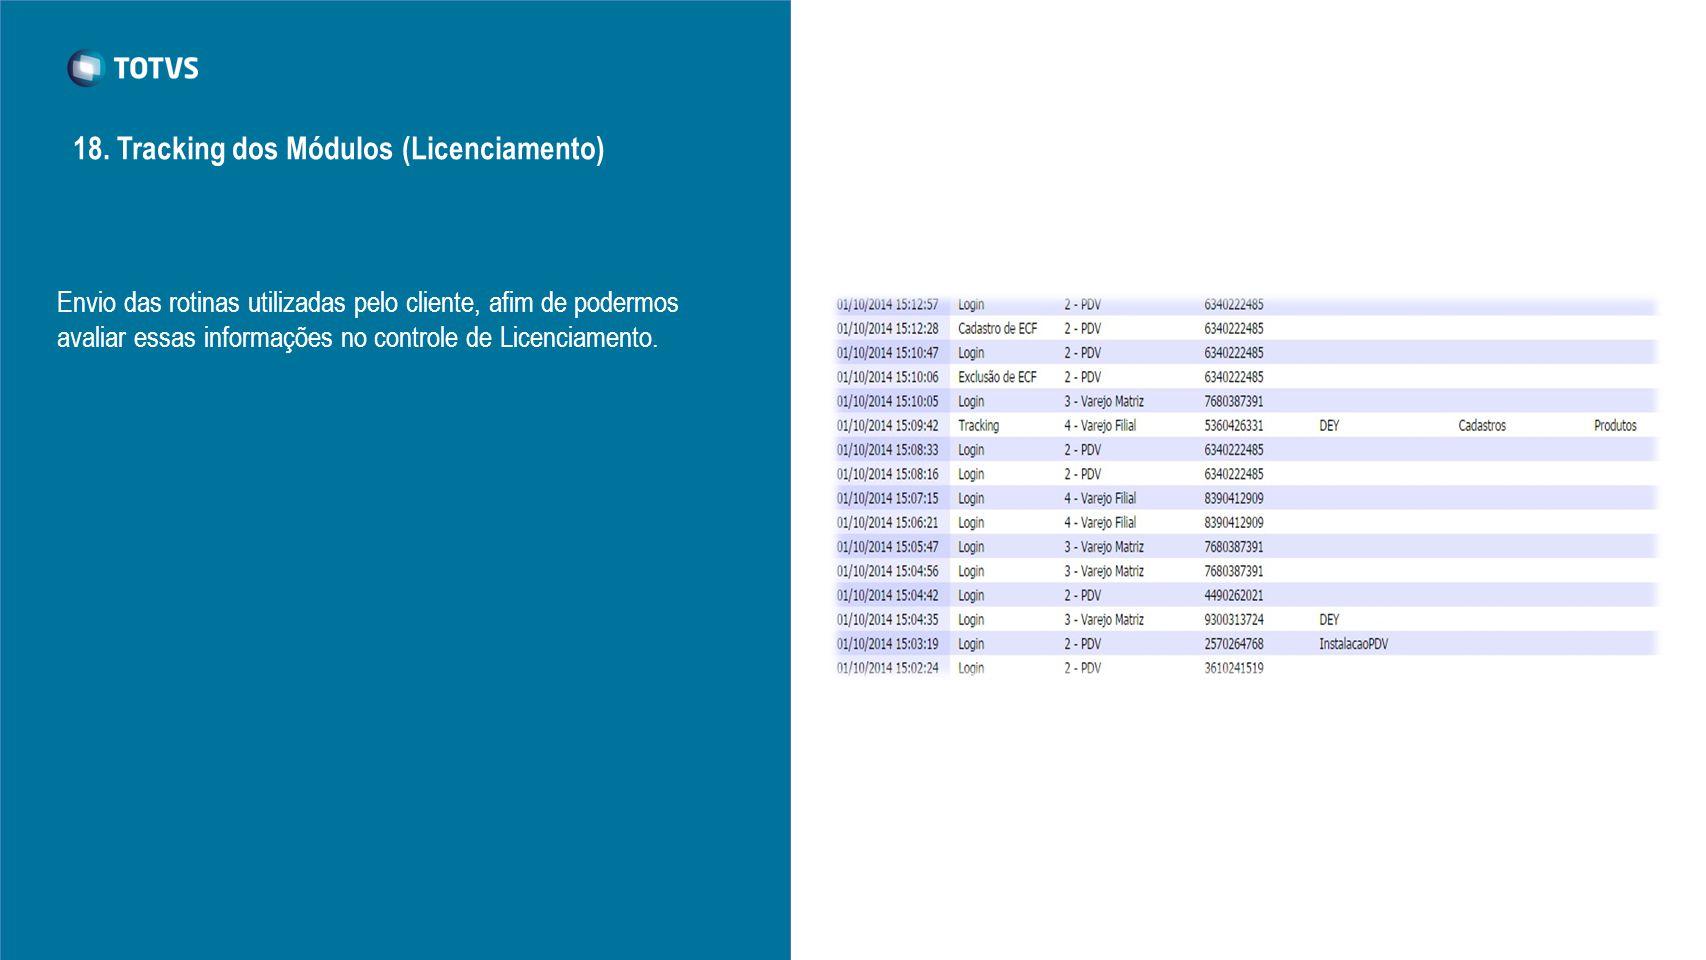 Envio das rotinas utilizadas pelo cliente, afim de podermos avaliar essas informações no controle de Licenciamento.